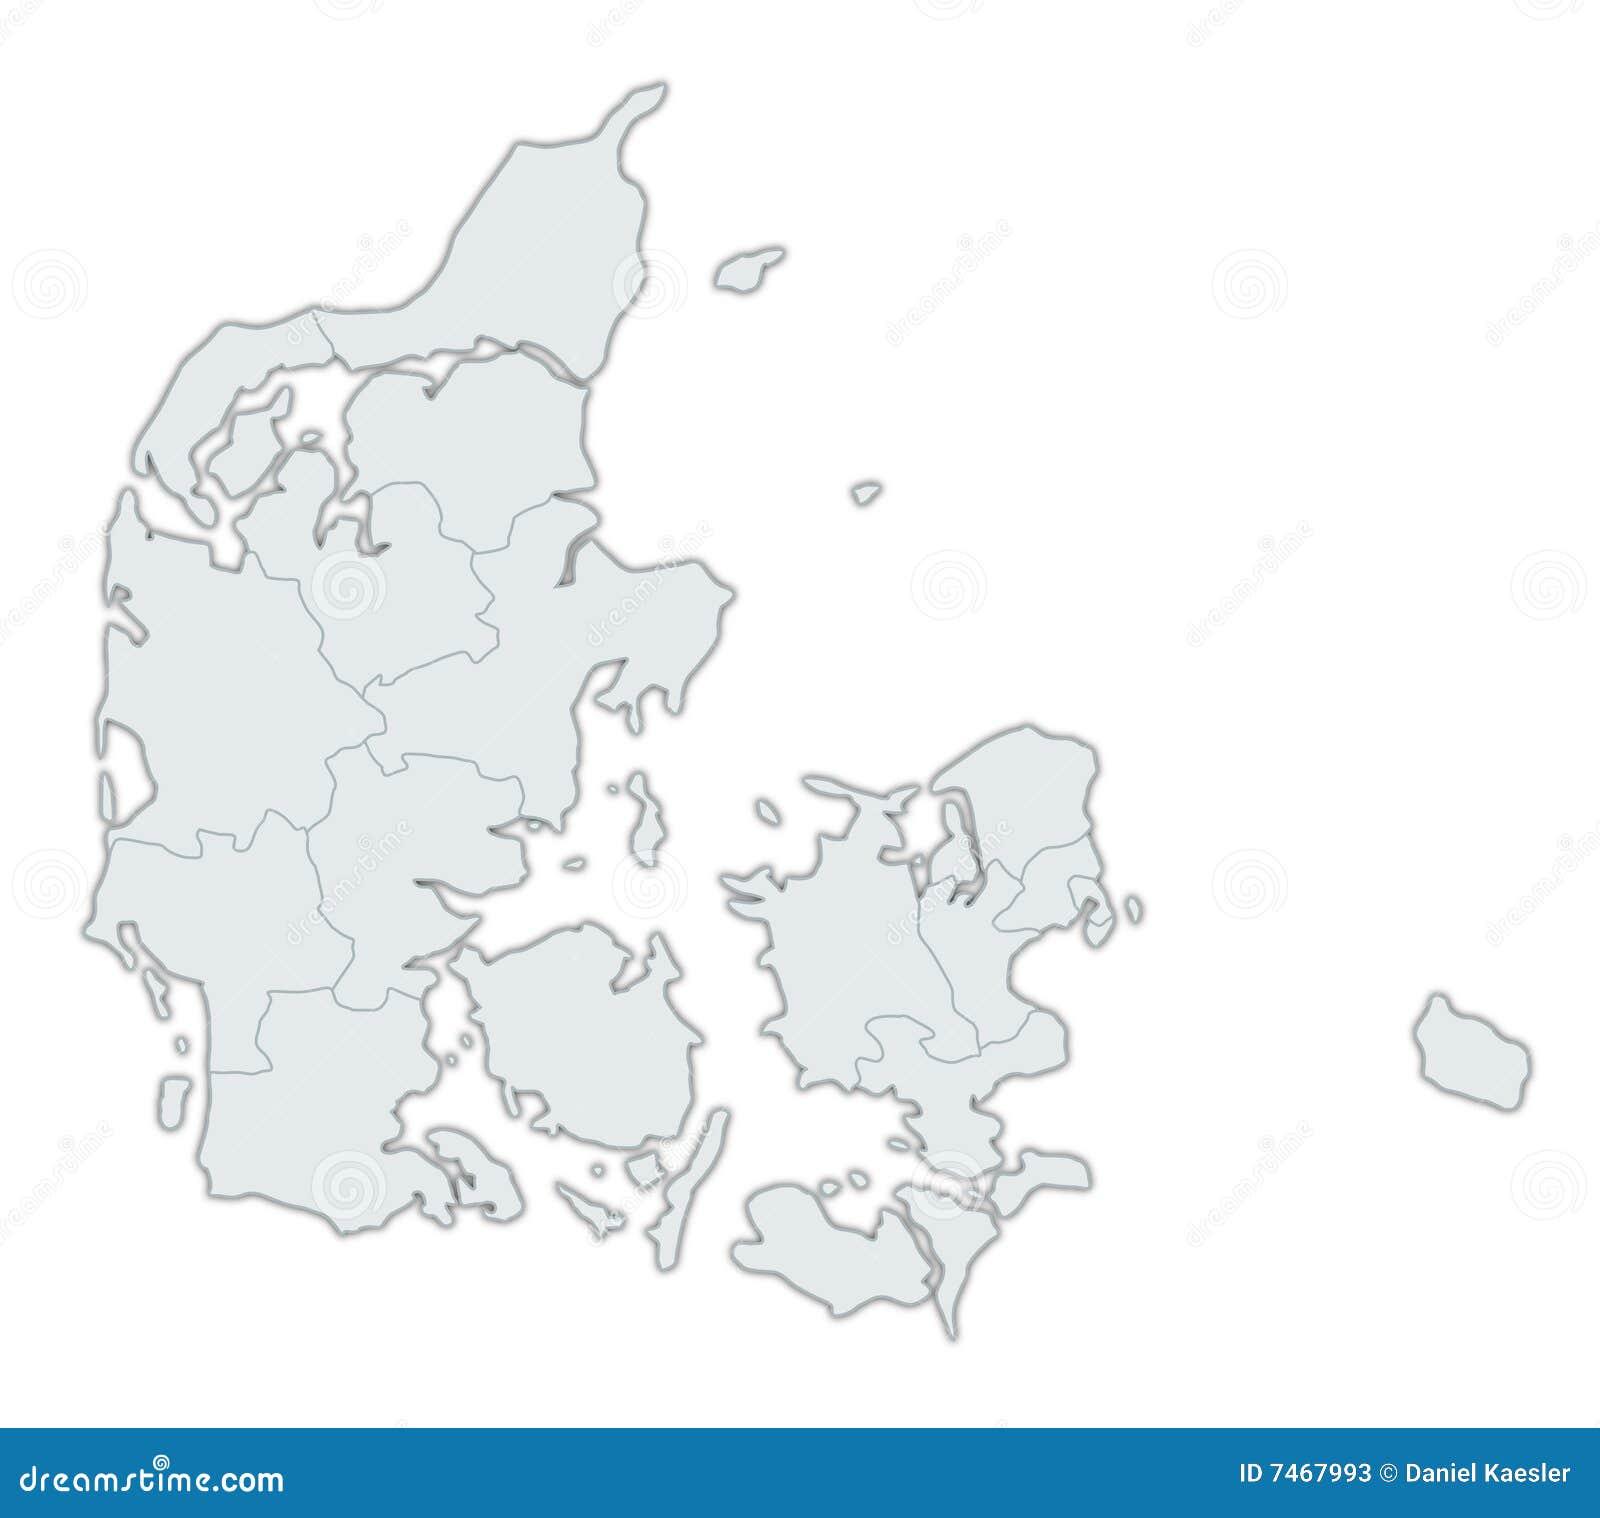 map of denmark stock photos image 7467993